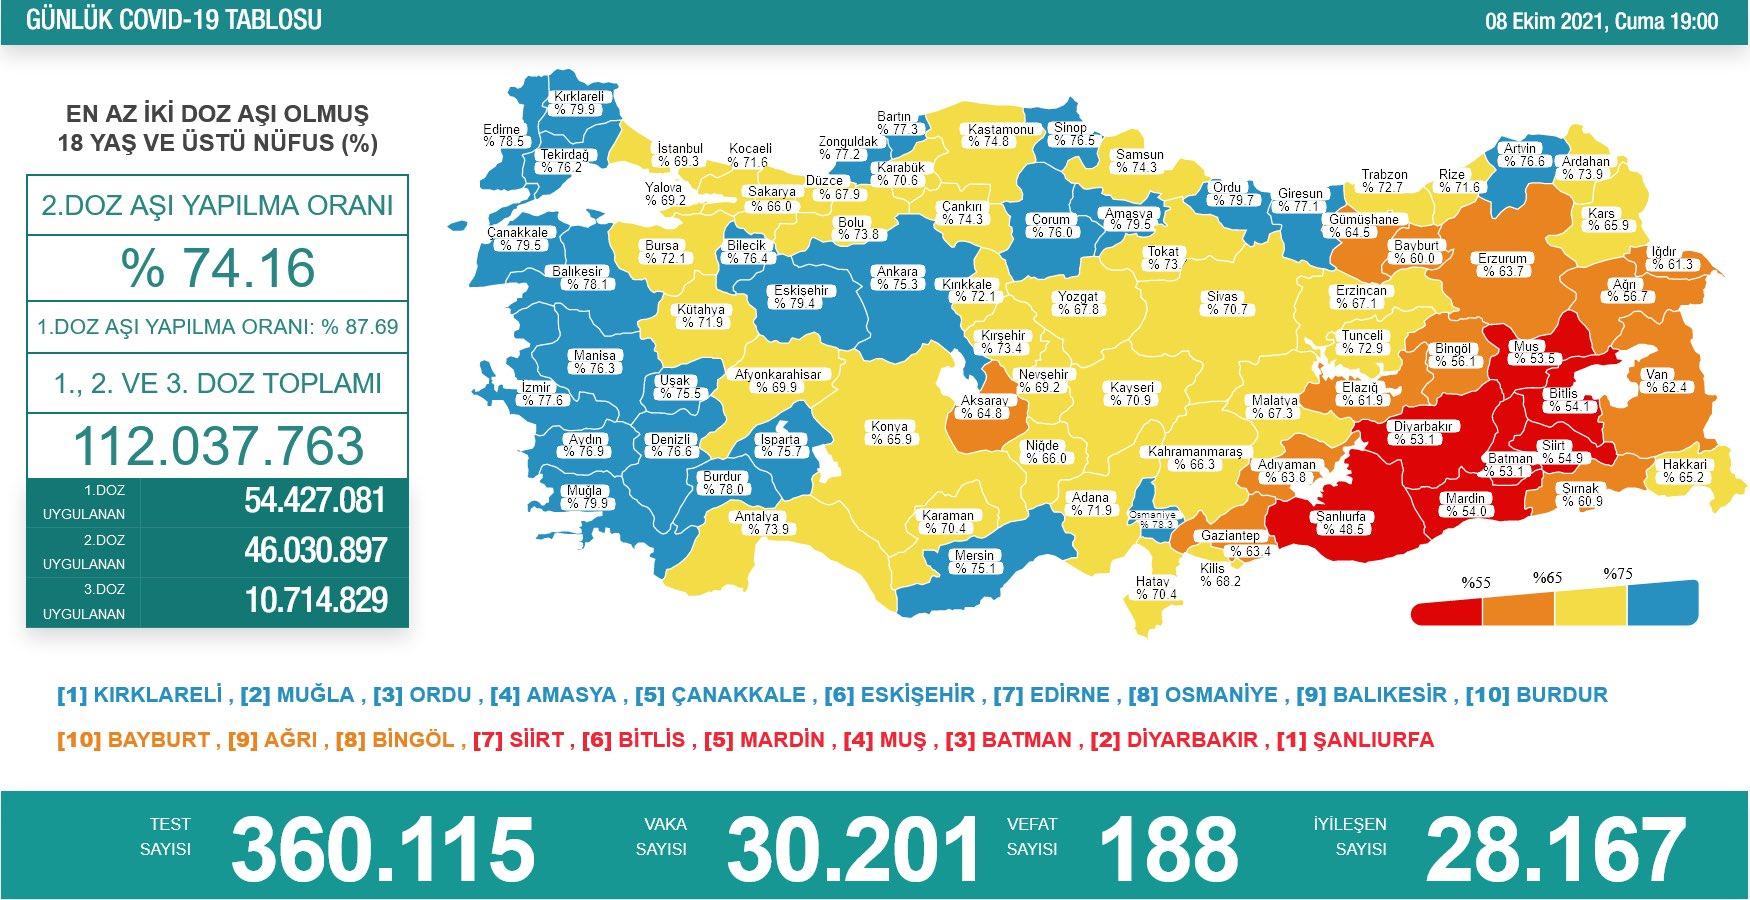 Sağlık Bakanlığı 8 Ekim 2021 Türkiye Koronavirüs Tablosu Açıkladı